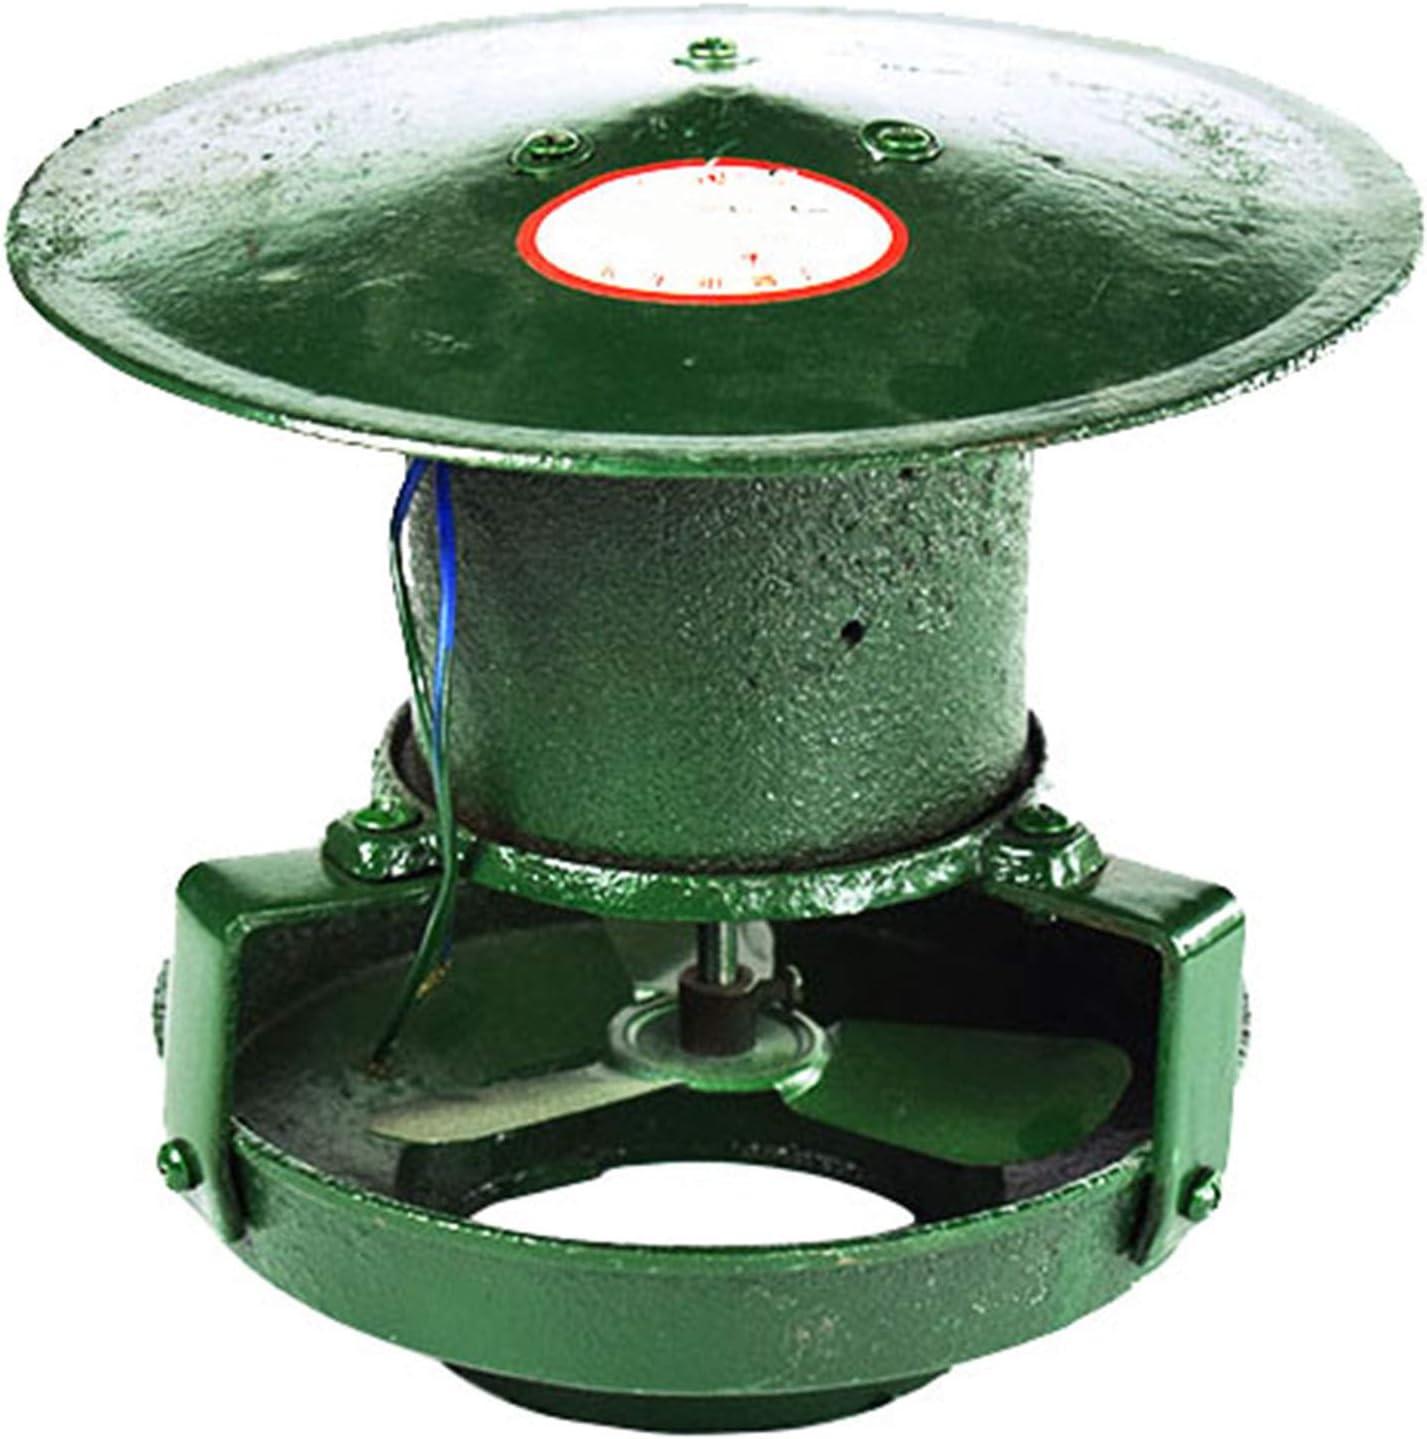 Extractor de aire al aire libre, 60W 220V Atractivos de la azotea de la azotea con chimenea Fans Chimenea Bombas extractor de humo, de chimenea Ventilador eléctrico de chimenea de escape, verde,Style2